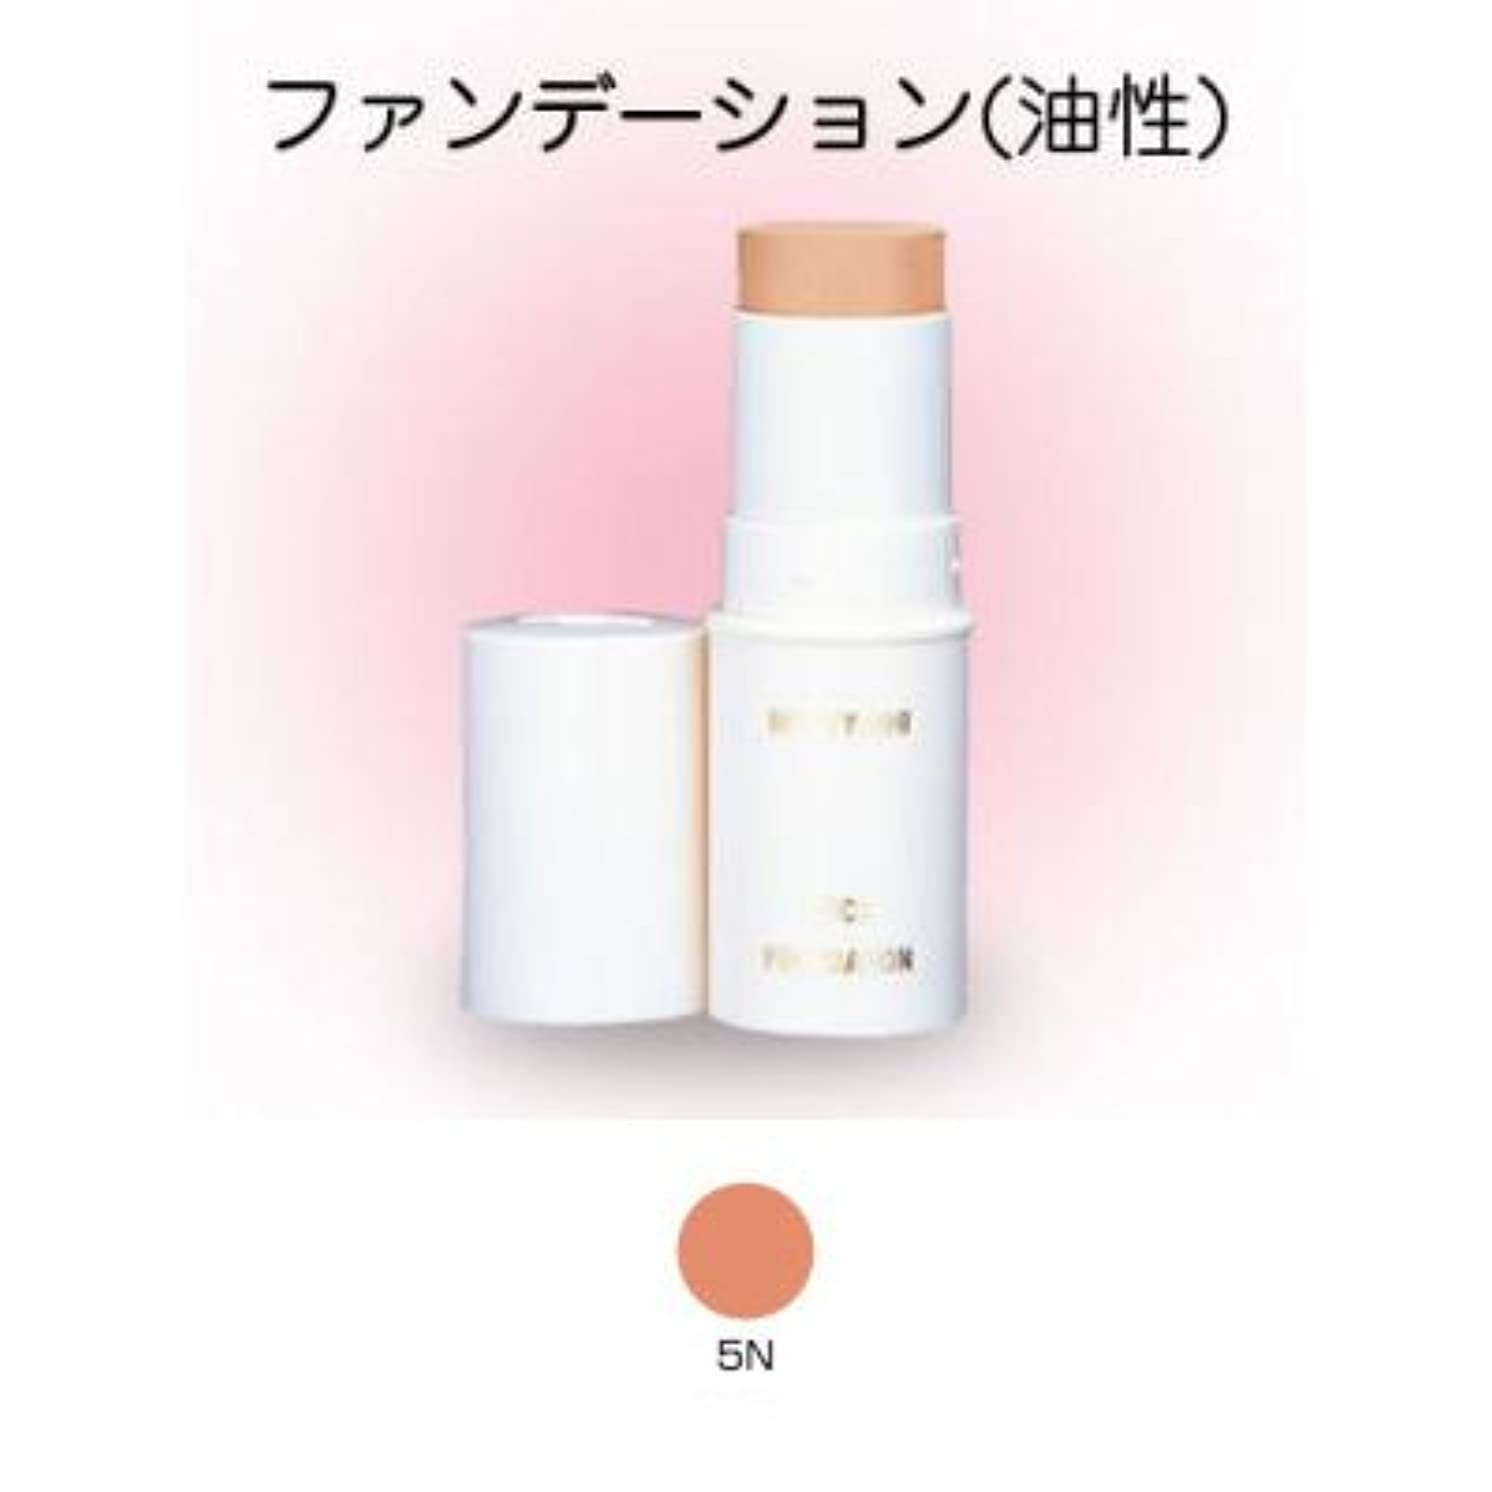 お茶説明的スクラップブックスティックファンデーション 16g 5N 【三善】